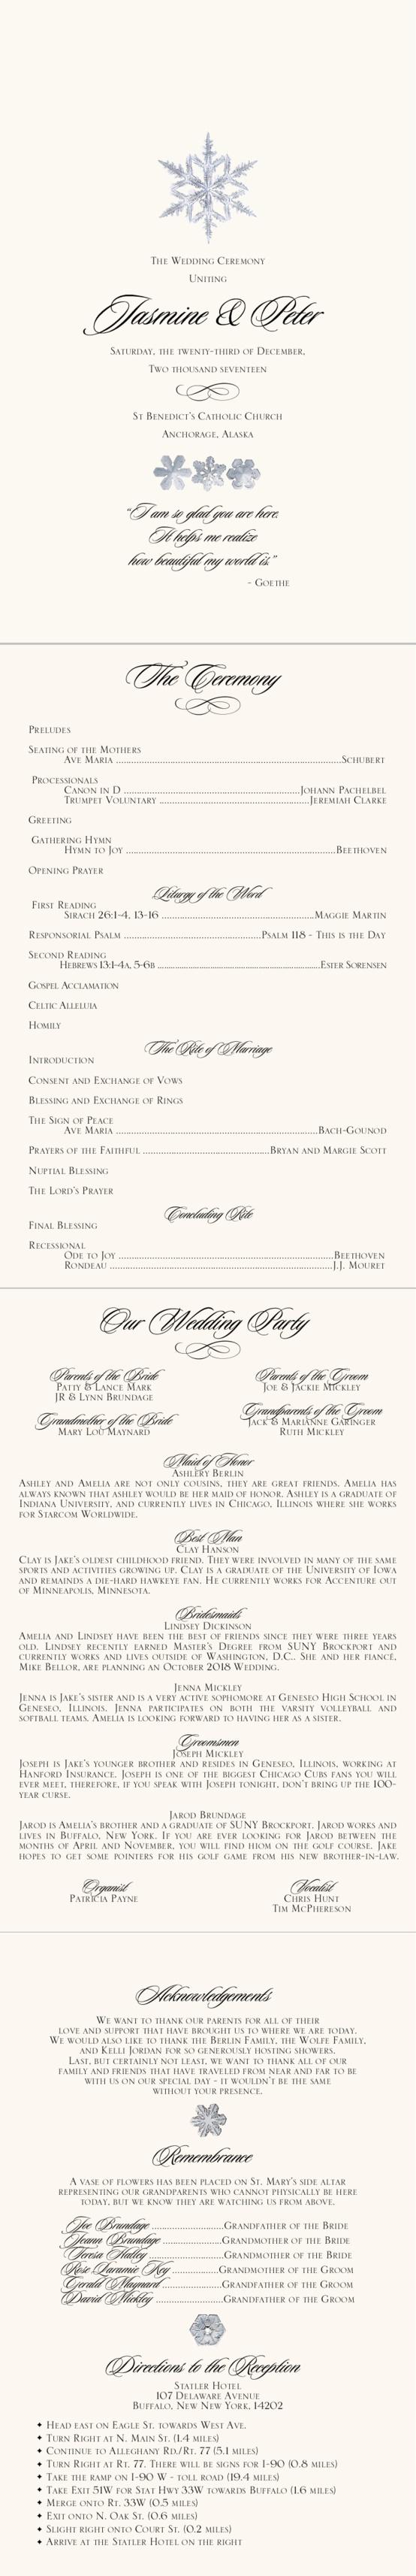 Wonderful 11 best wedding programs images on Pinterest | Catholic wedding  AI07